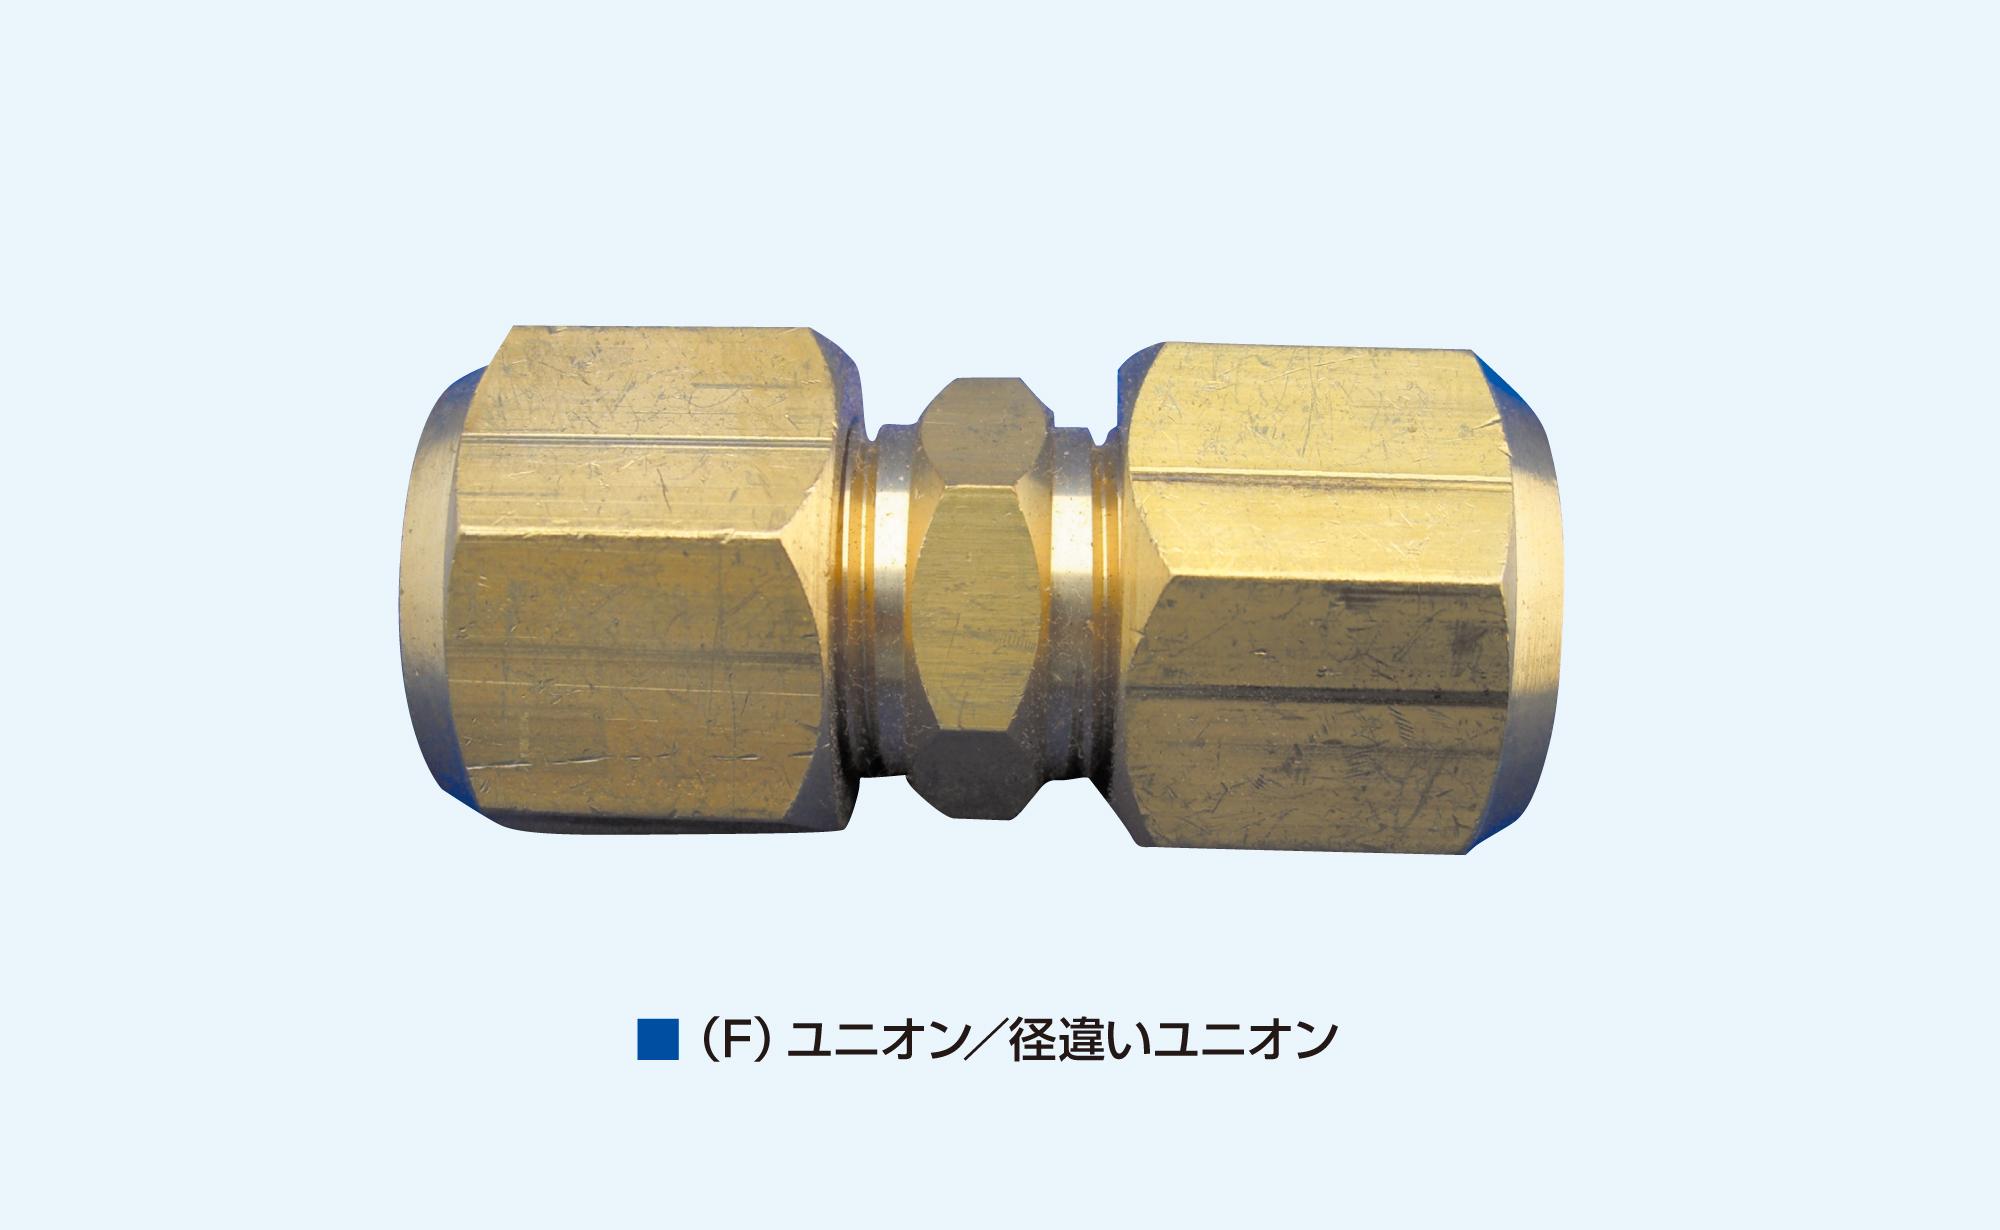 冷媒用銅管継手画像